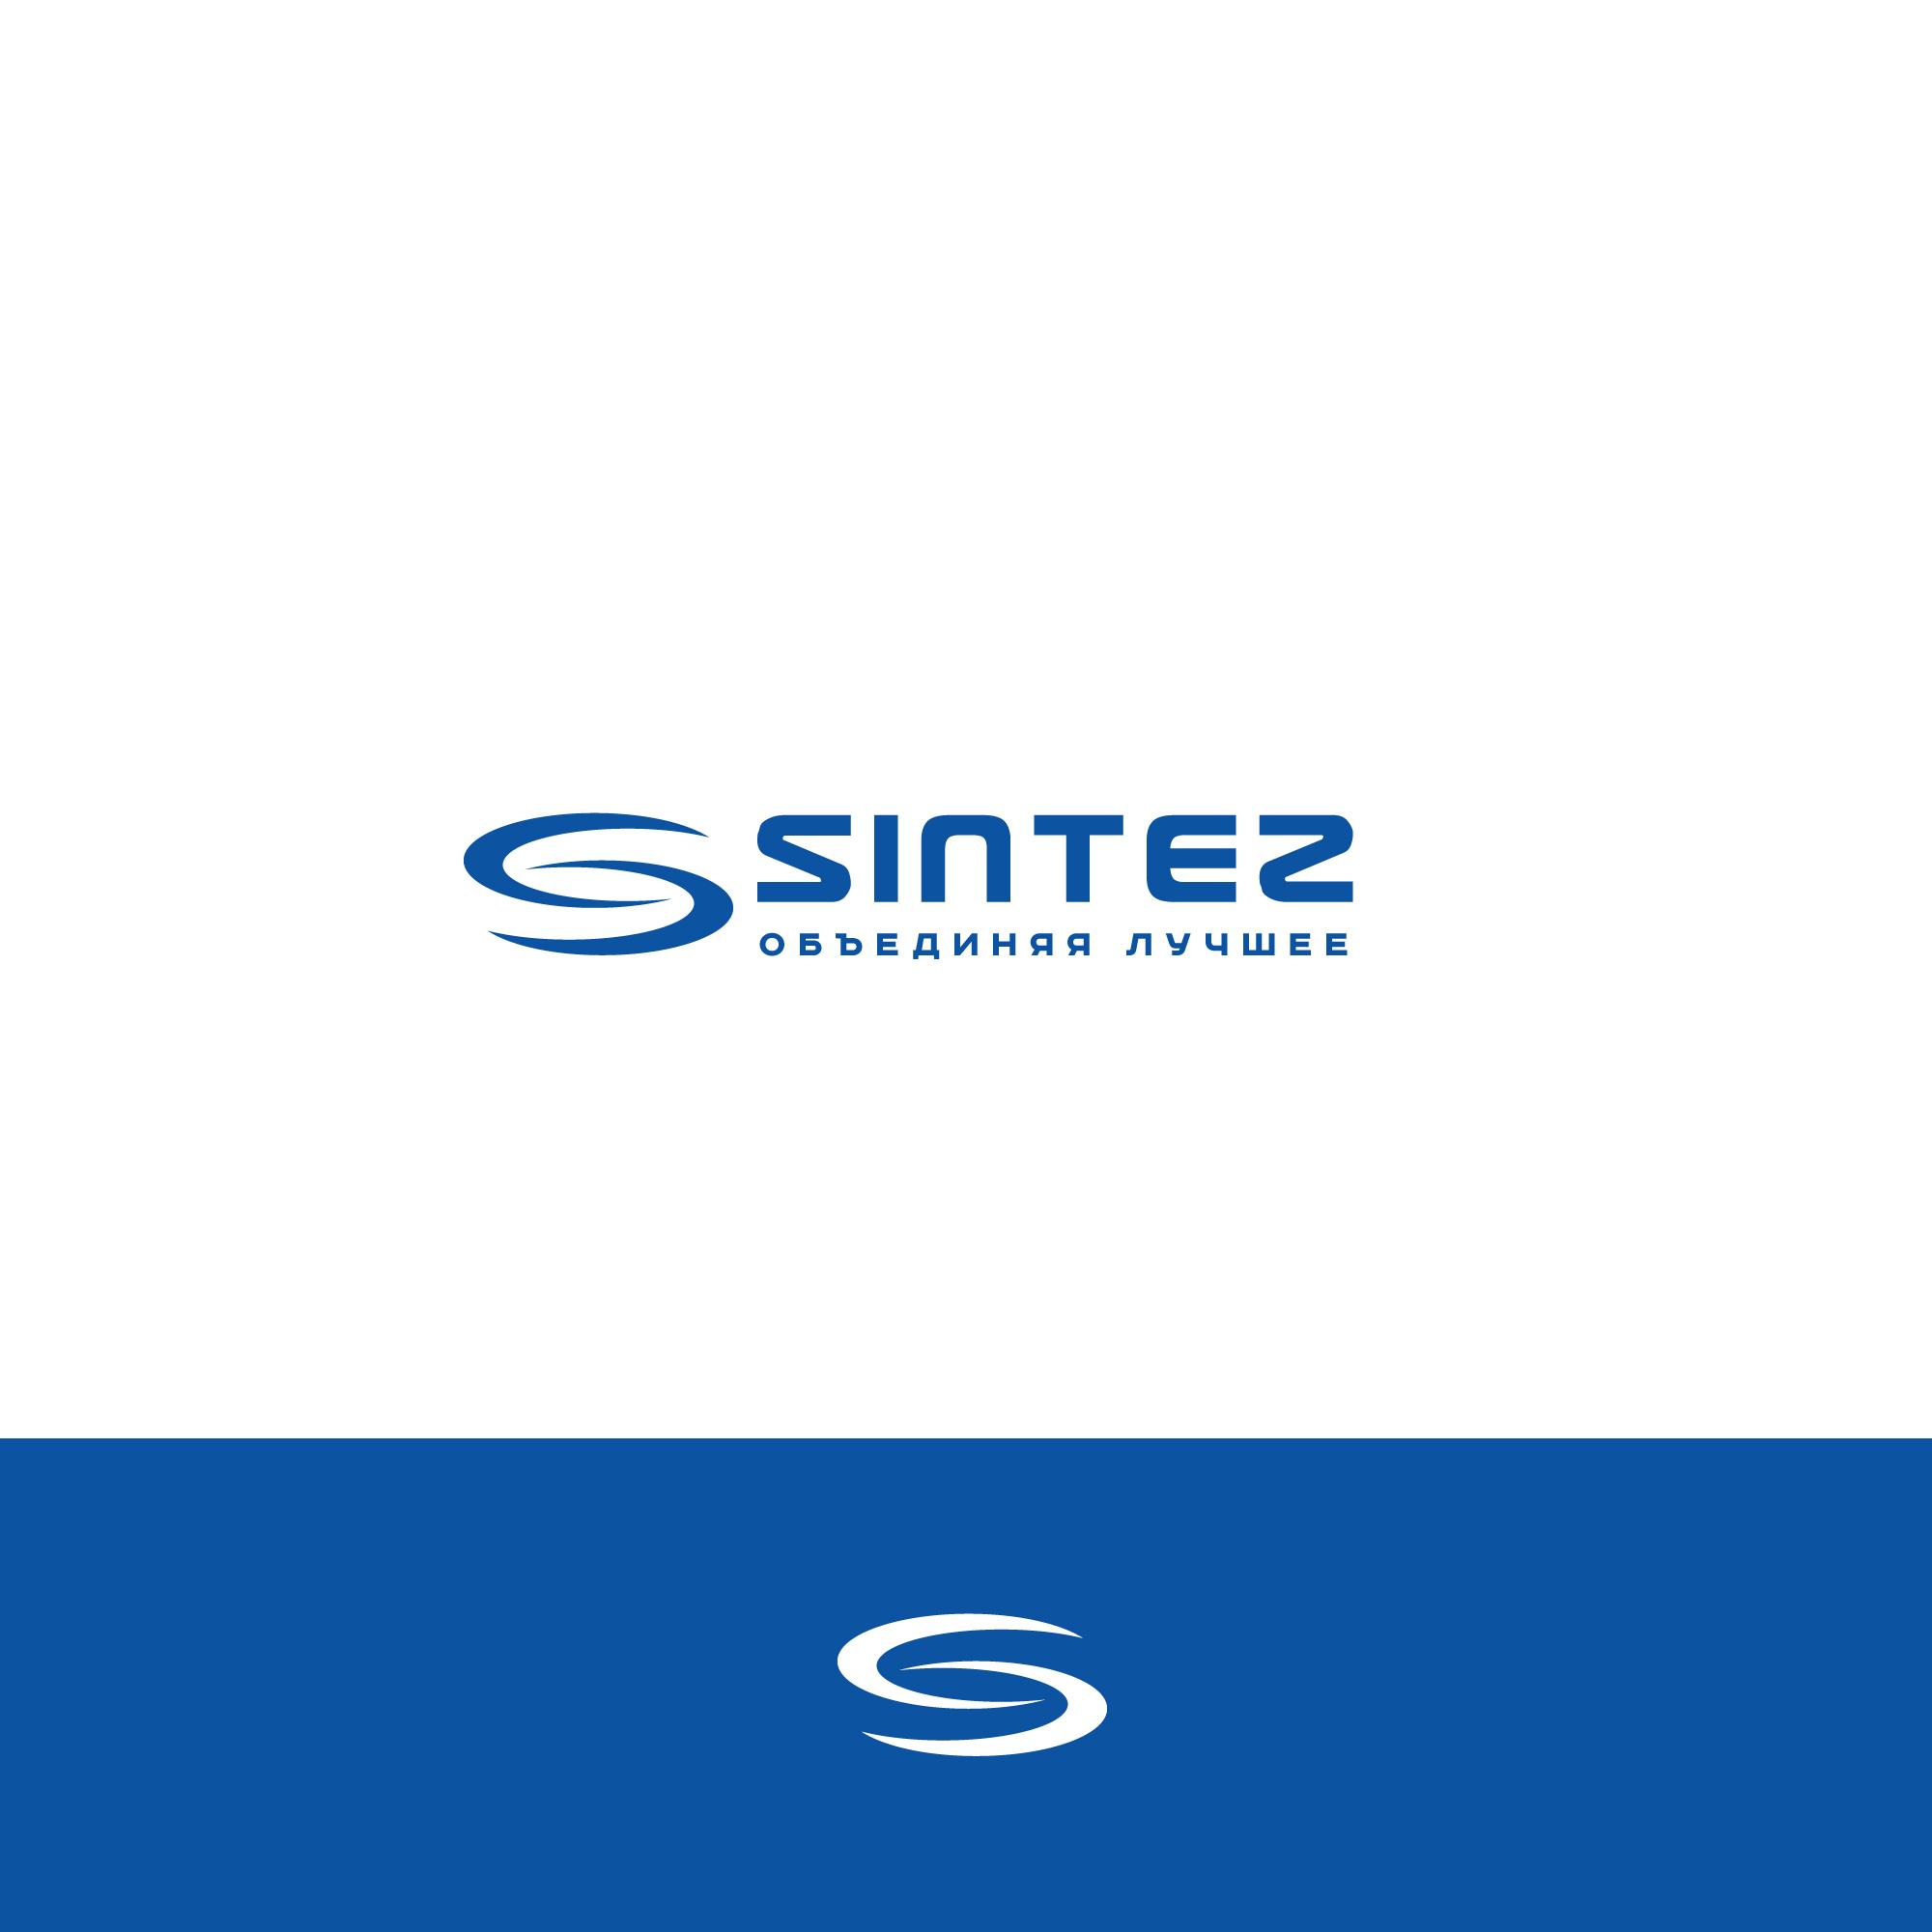 Разрабтка логотипа компании и фирменного шрифта фото f_4455f60e1b4c7be4.jpg